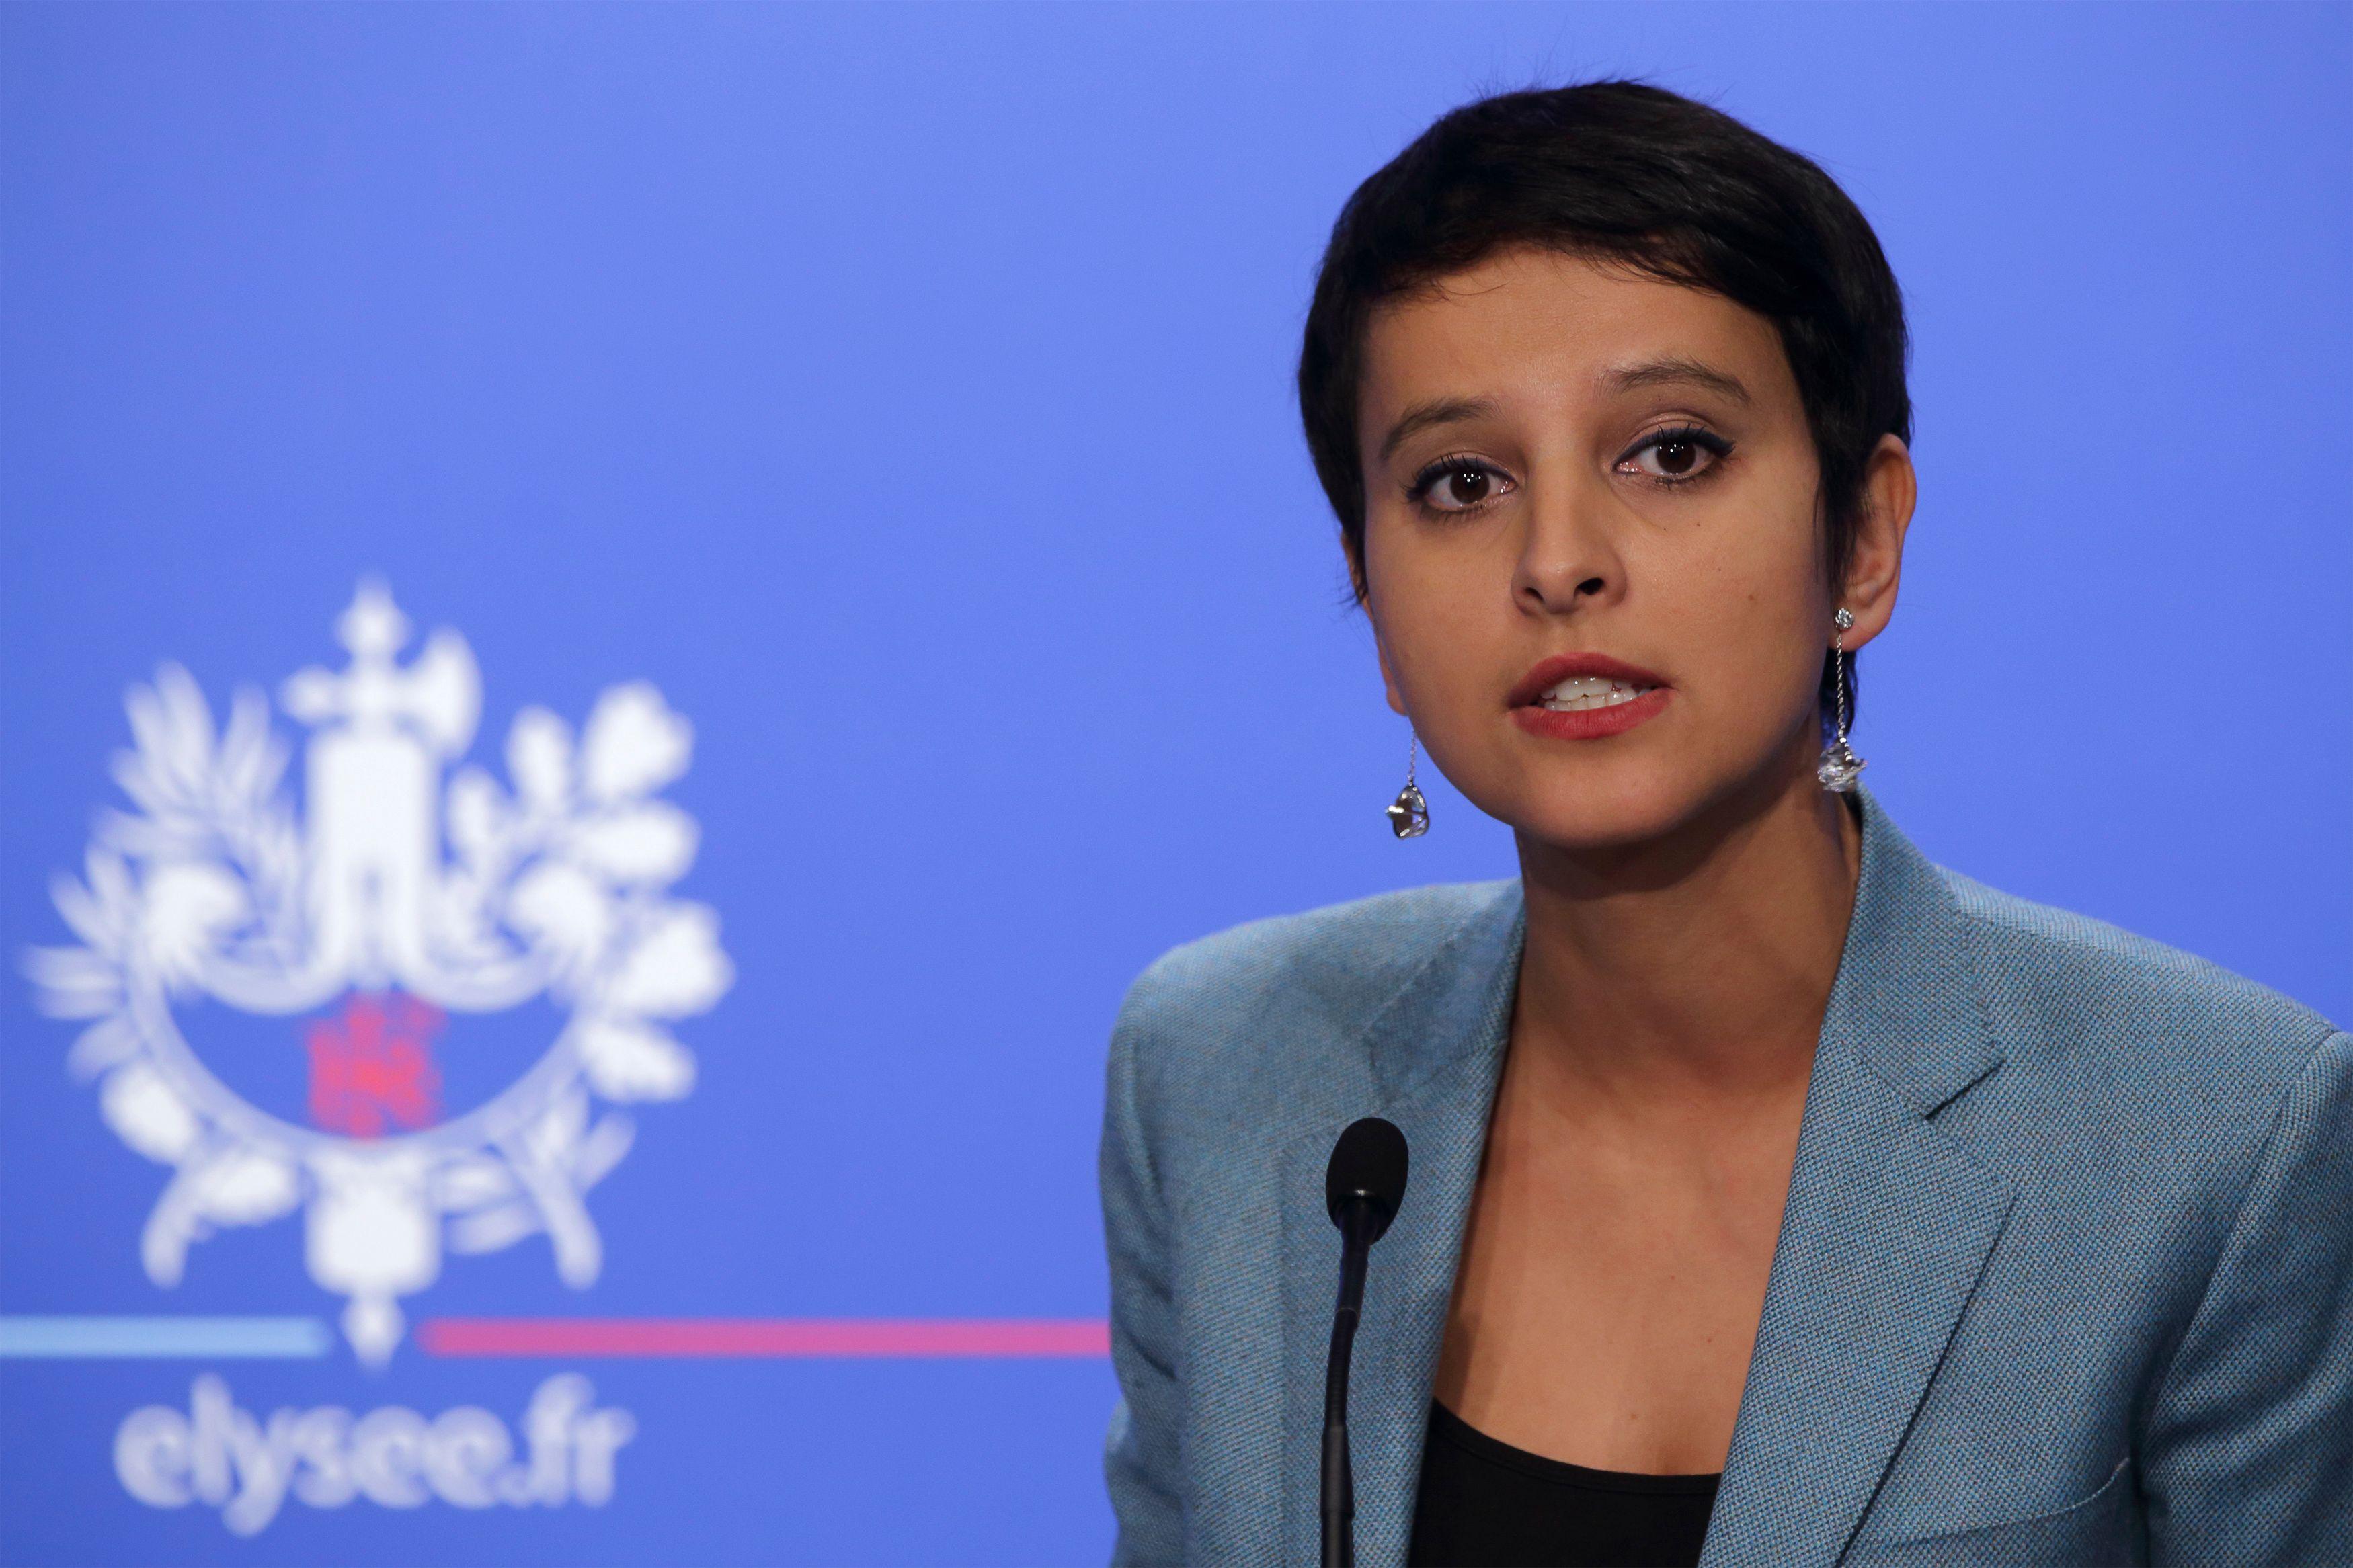 """La ministre Najat Vallaud-Belkacem compte faire aboutir de nouvelles mesures pour """"l'égalité""""."""